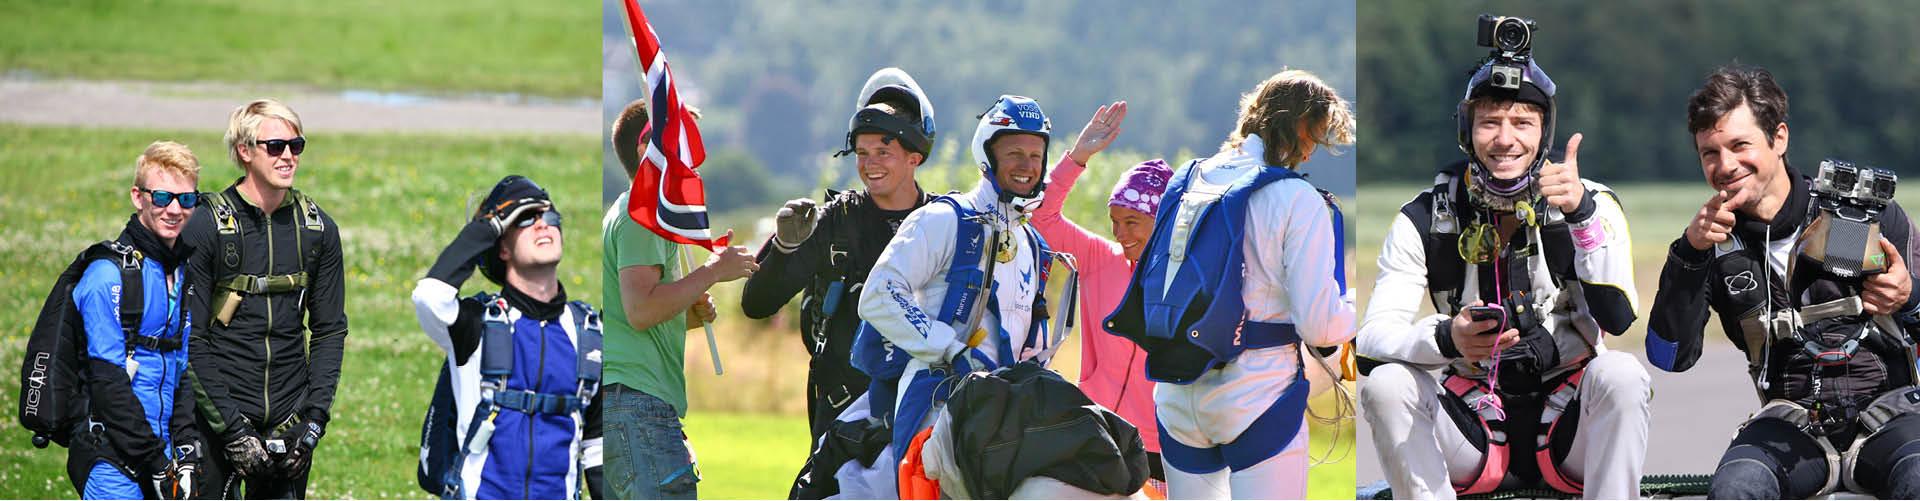 skydive tønsberg fallskjermklubb kurs